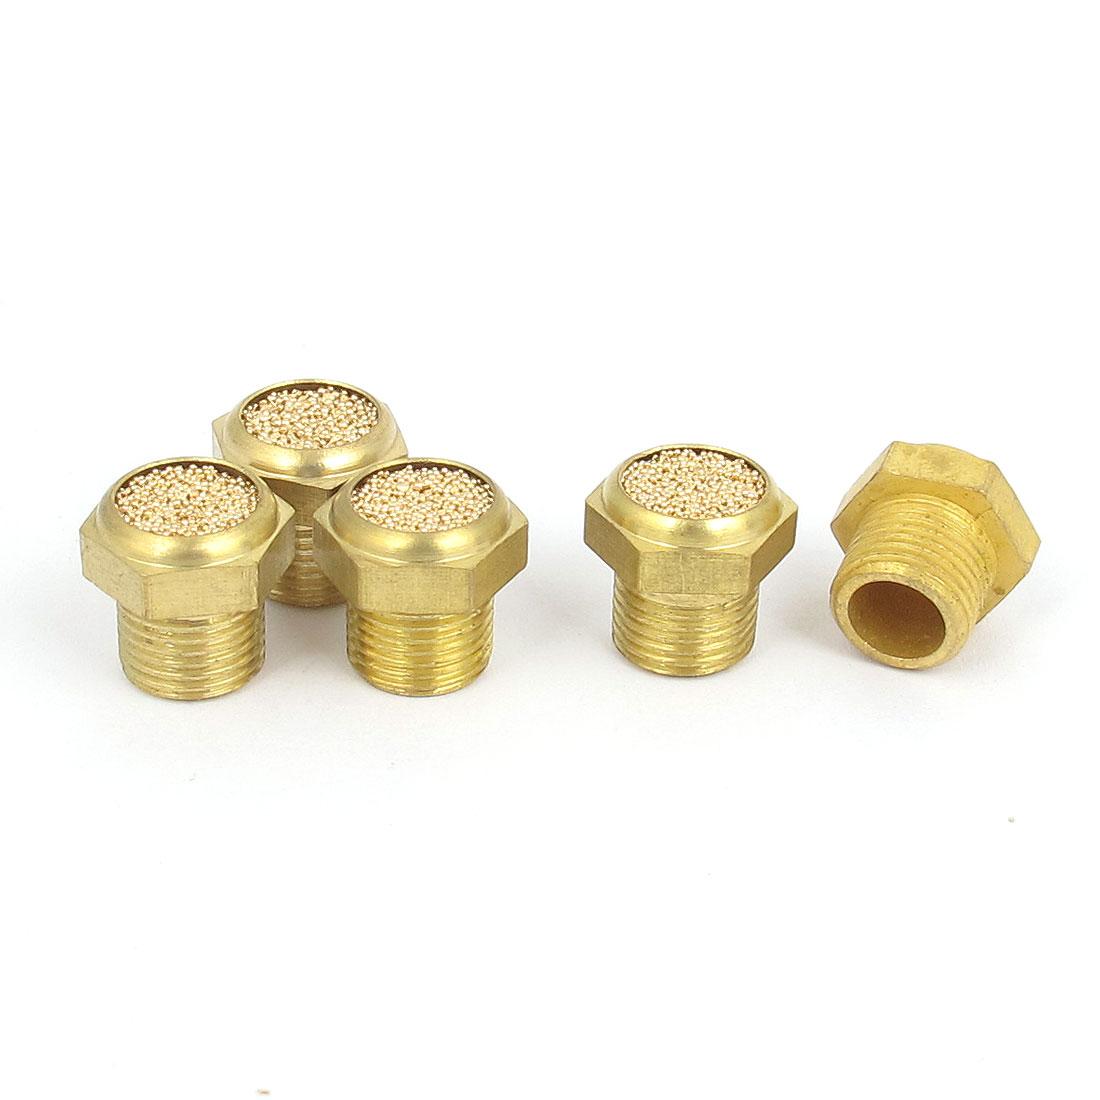 1/8BSP Thread Brass Pneumatic Air Exhaust Noise Reducing Silencer Muffler 5pcs